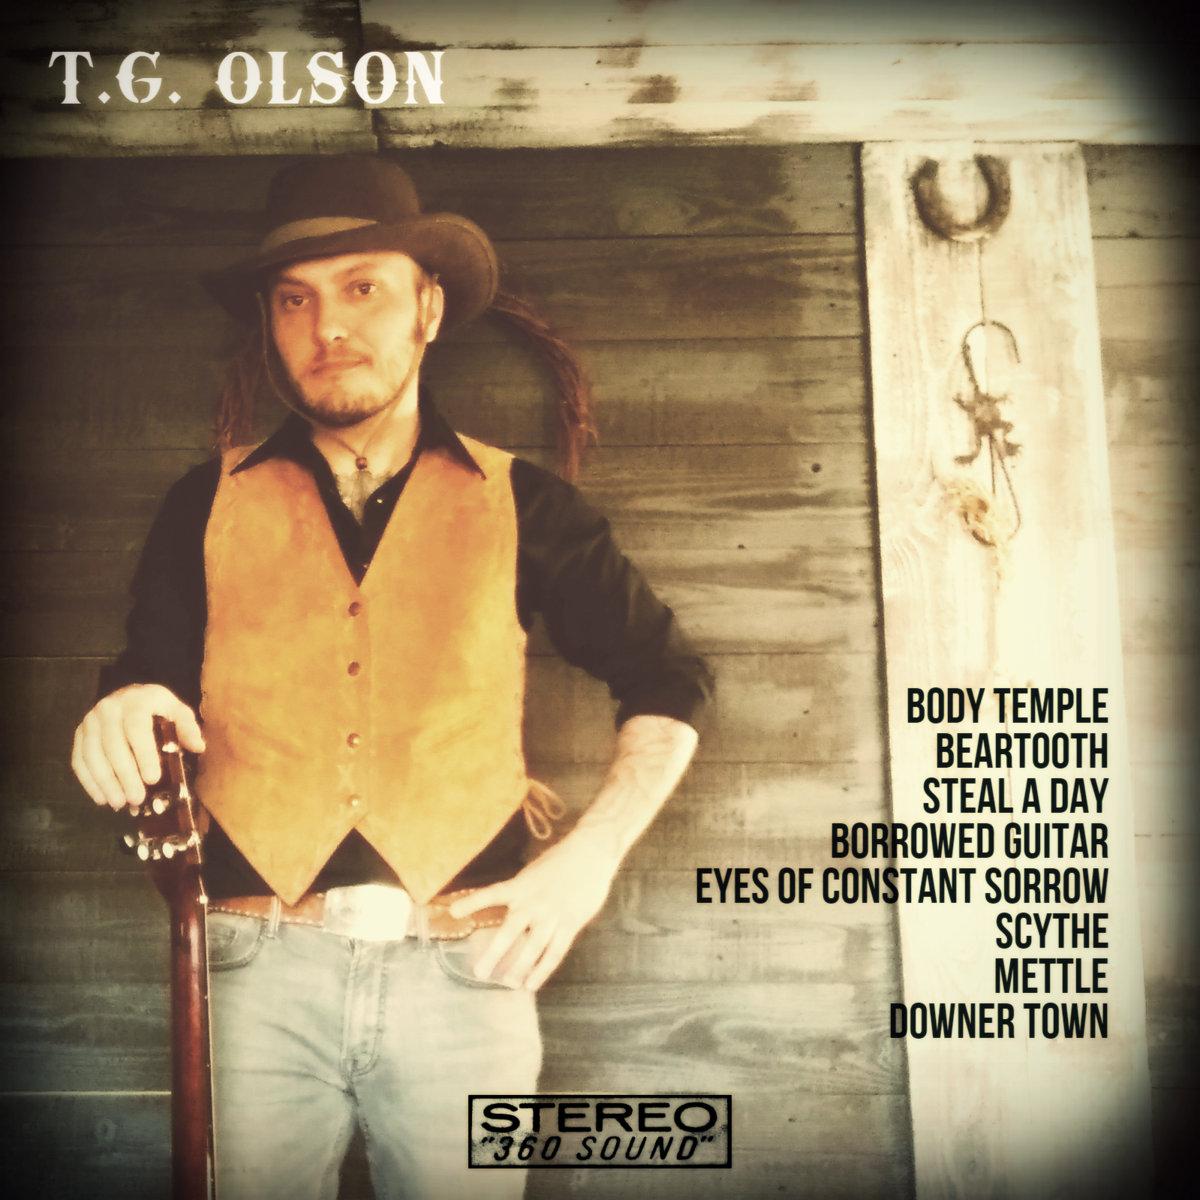 T.G. Olson T.G. Olson